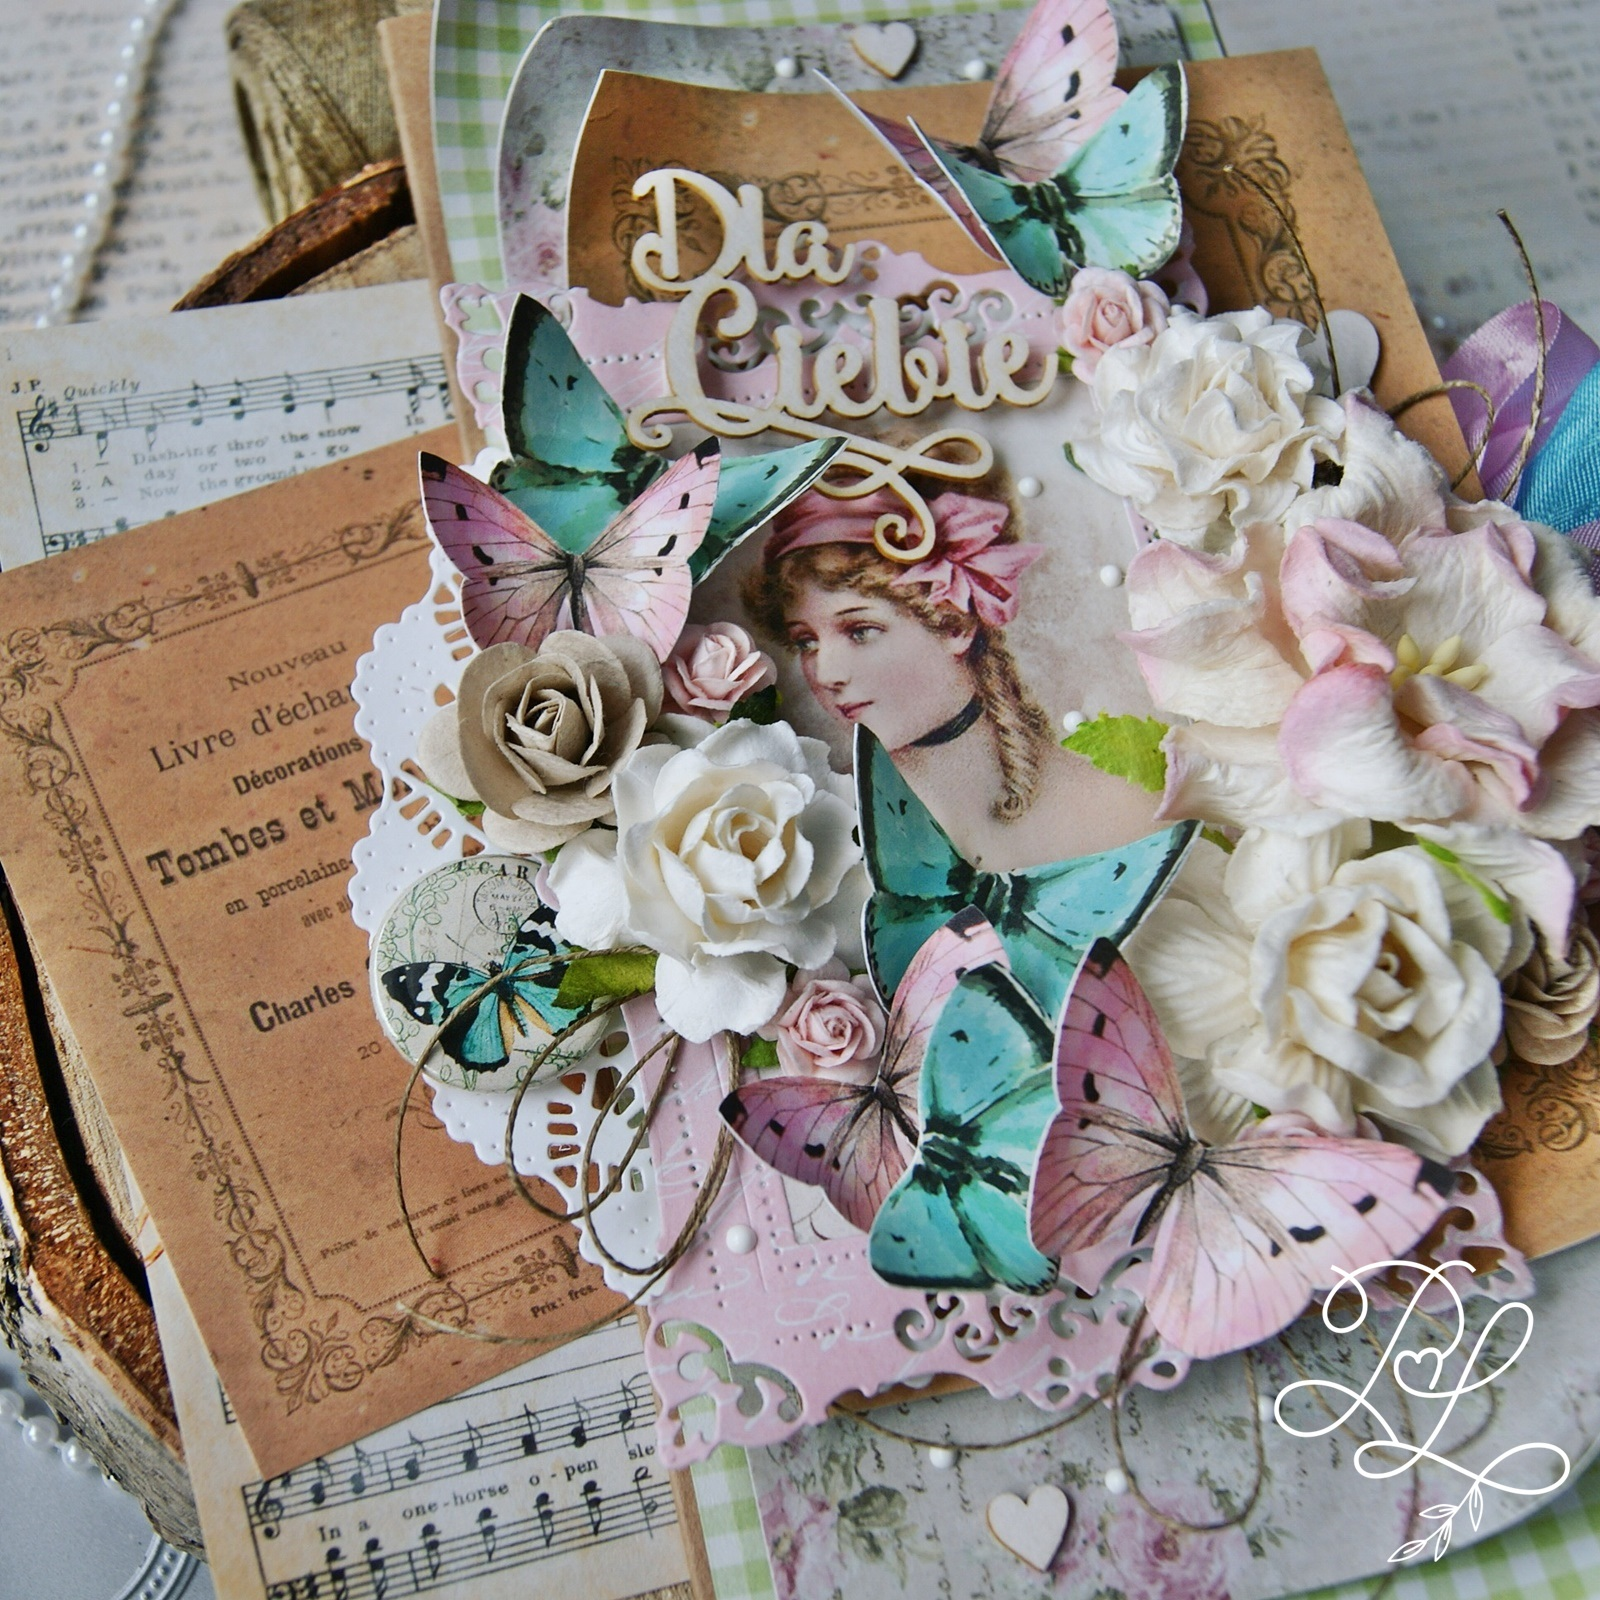 Kartka okolicznościowa Papierowe Love - sklep papierniczy i pracownia rękodzieła Katarzyna Rajczakowska